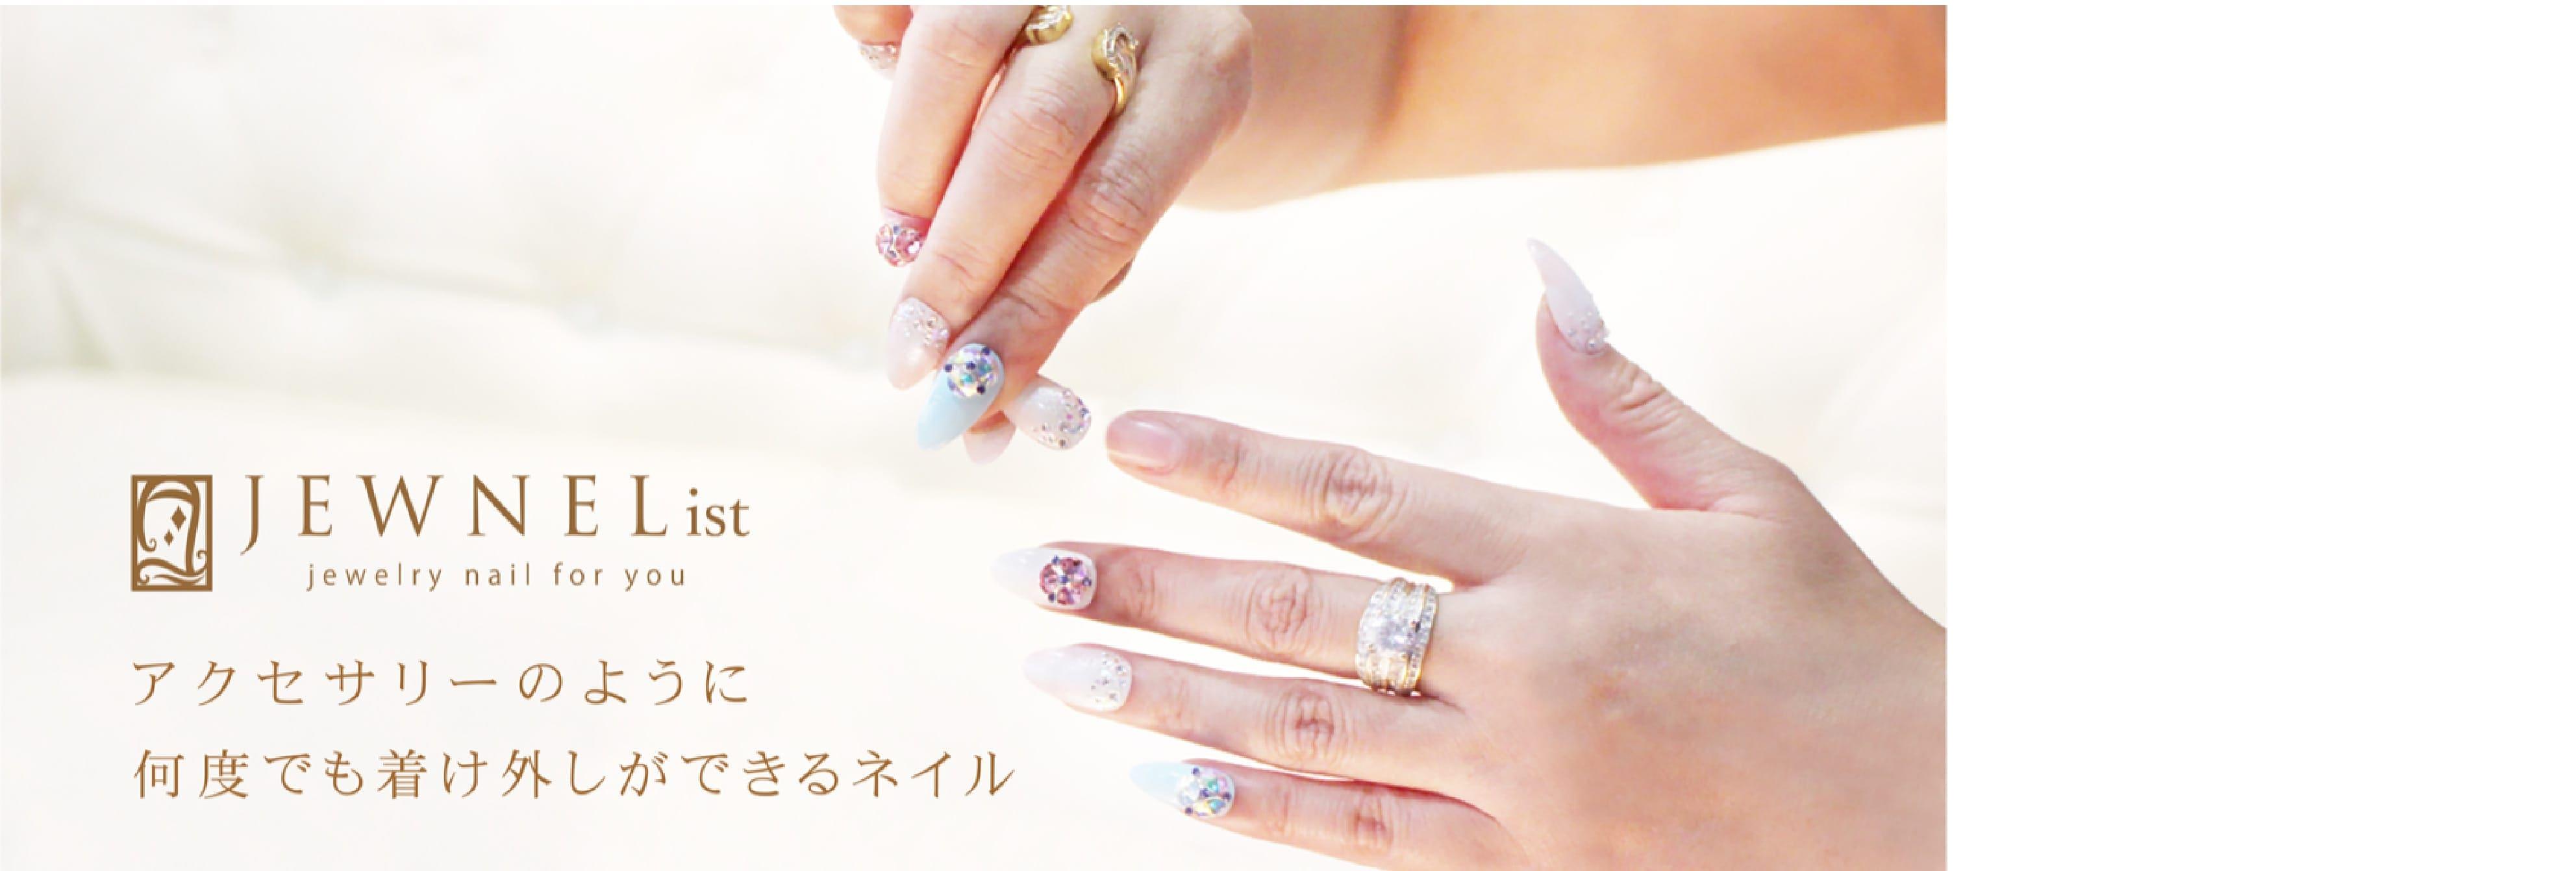 美しさは手から!京都宇治の手と頭の美容サロンクレア/ジュネル・手の病院サロン・ドライヘッドスパ